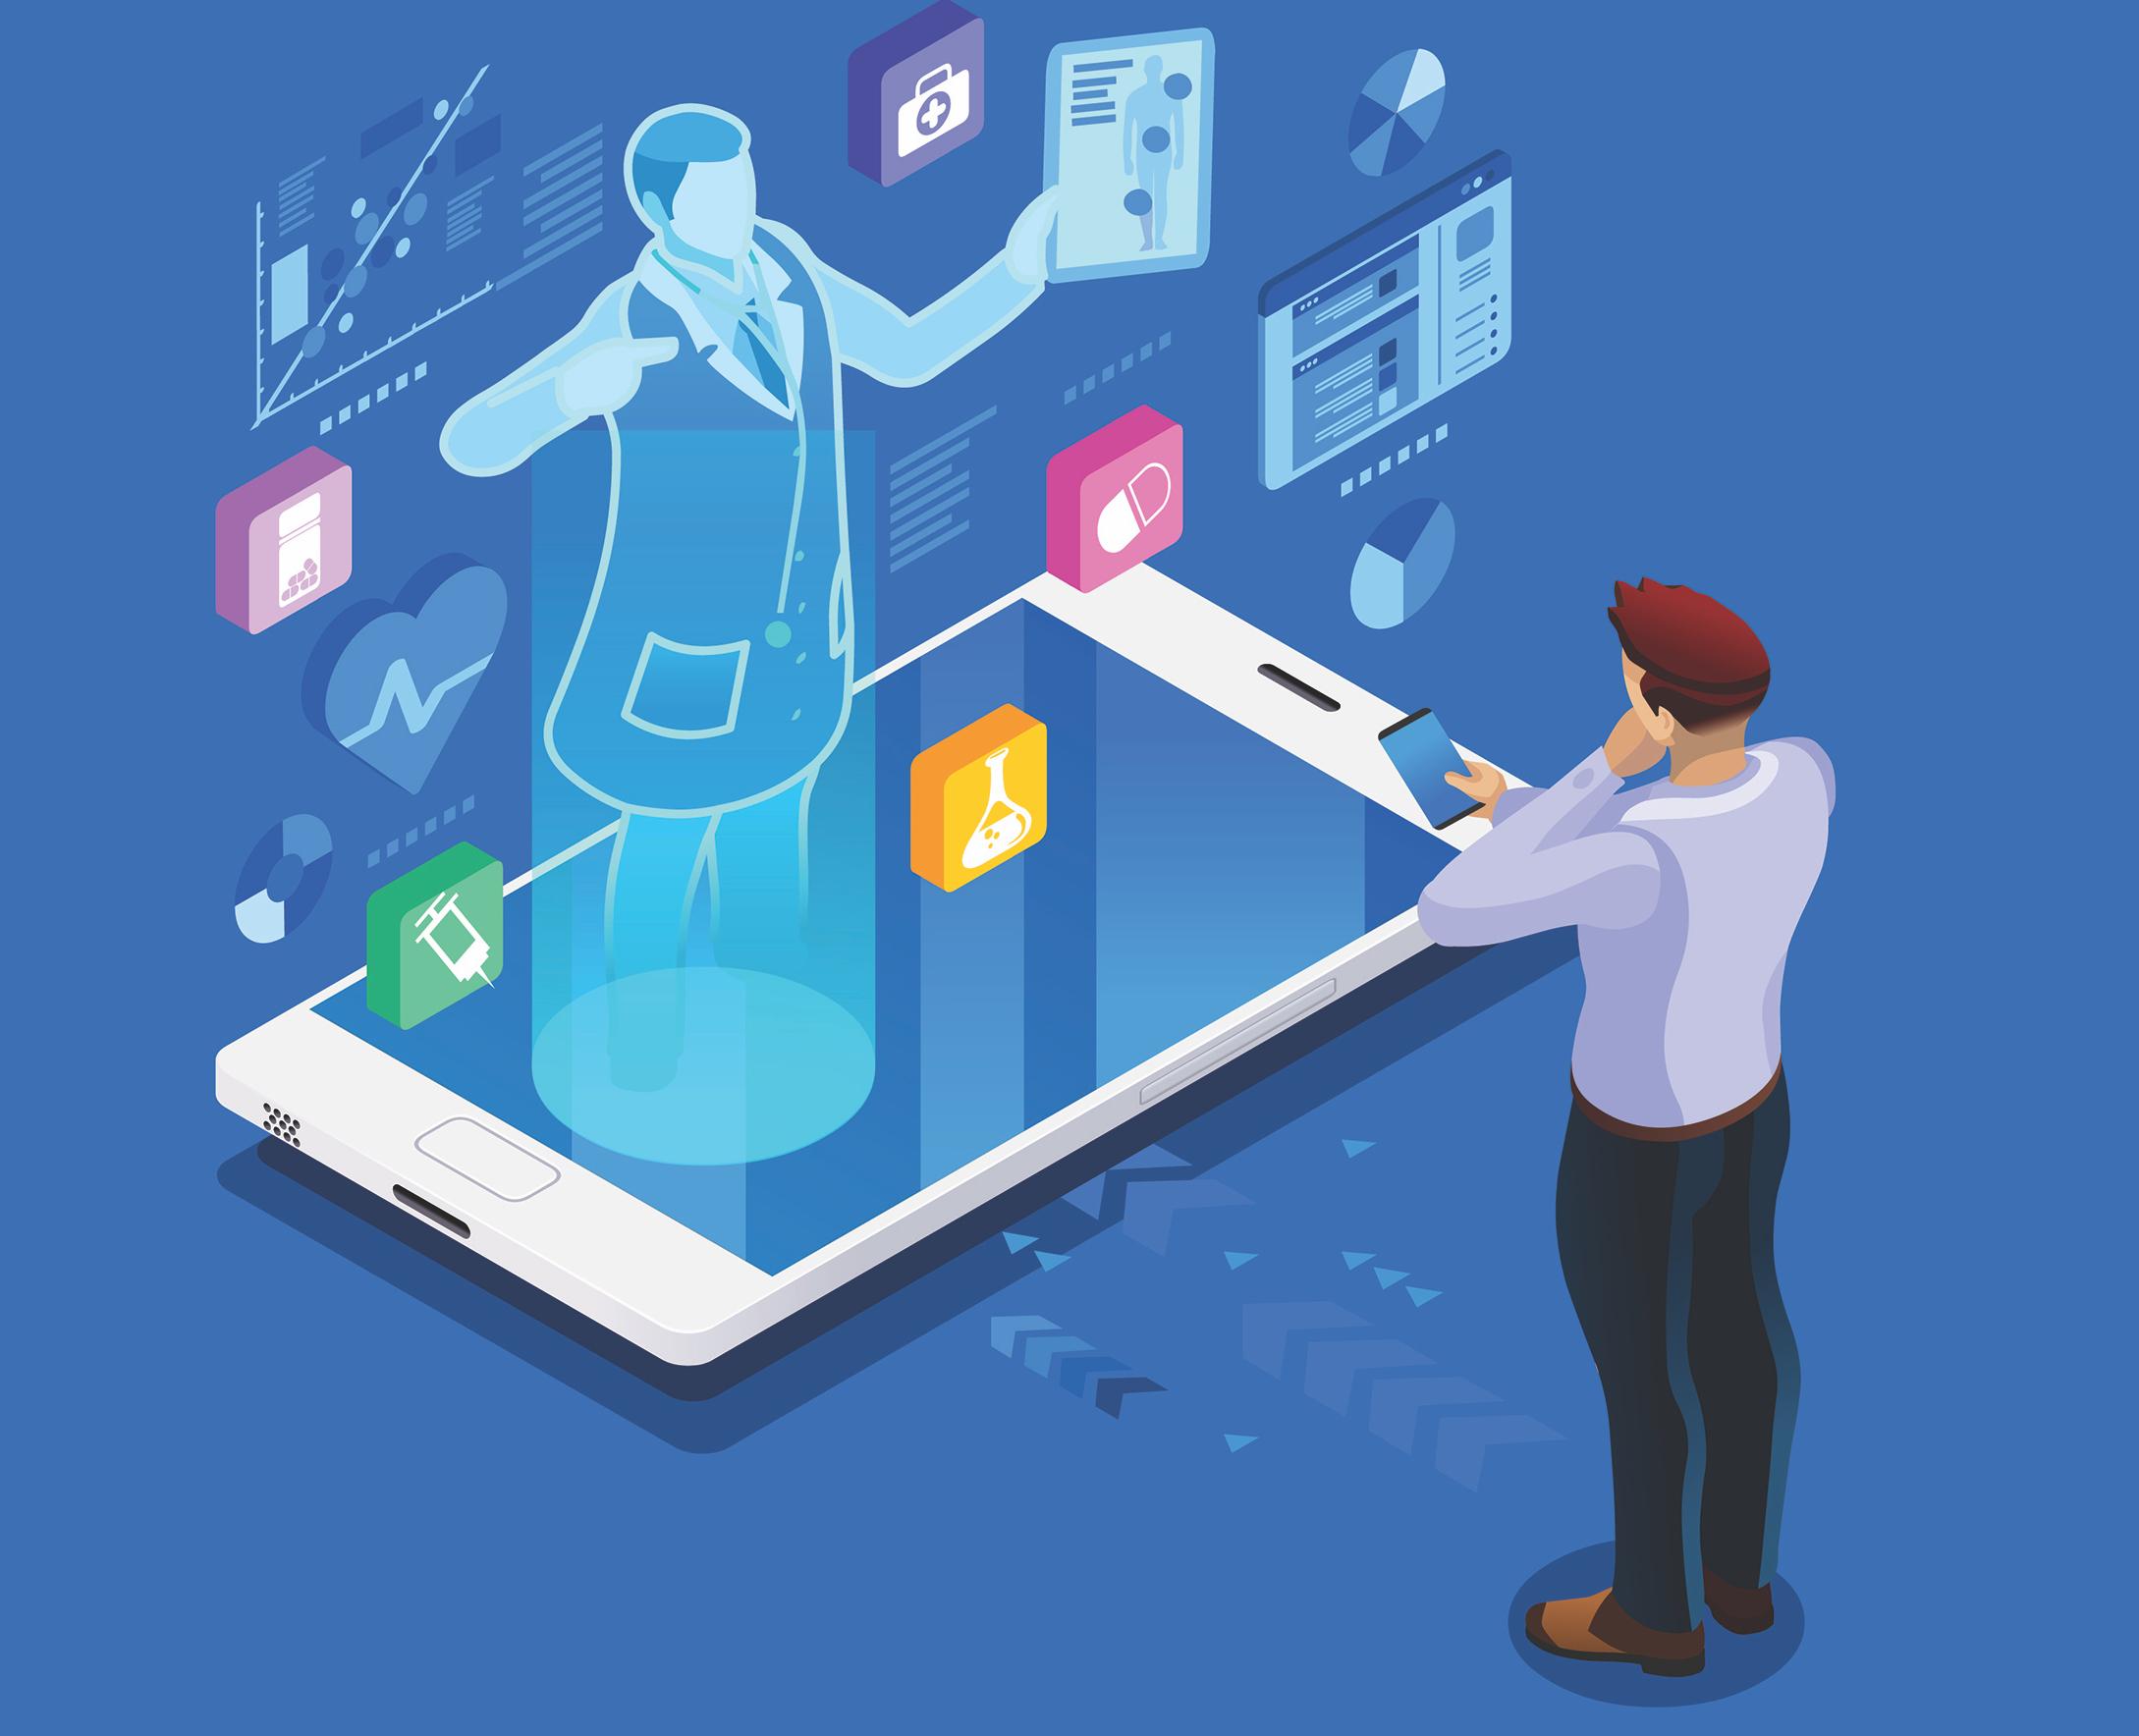 Ψηφιακή υγεία: Οι τέσσερις πυλώνες ενίσχυσης στον τομέα της υγείας